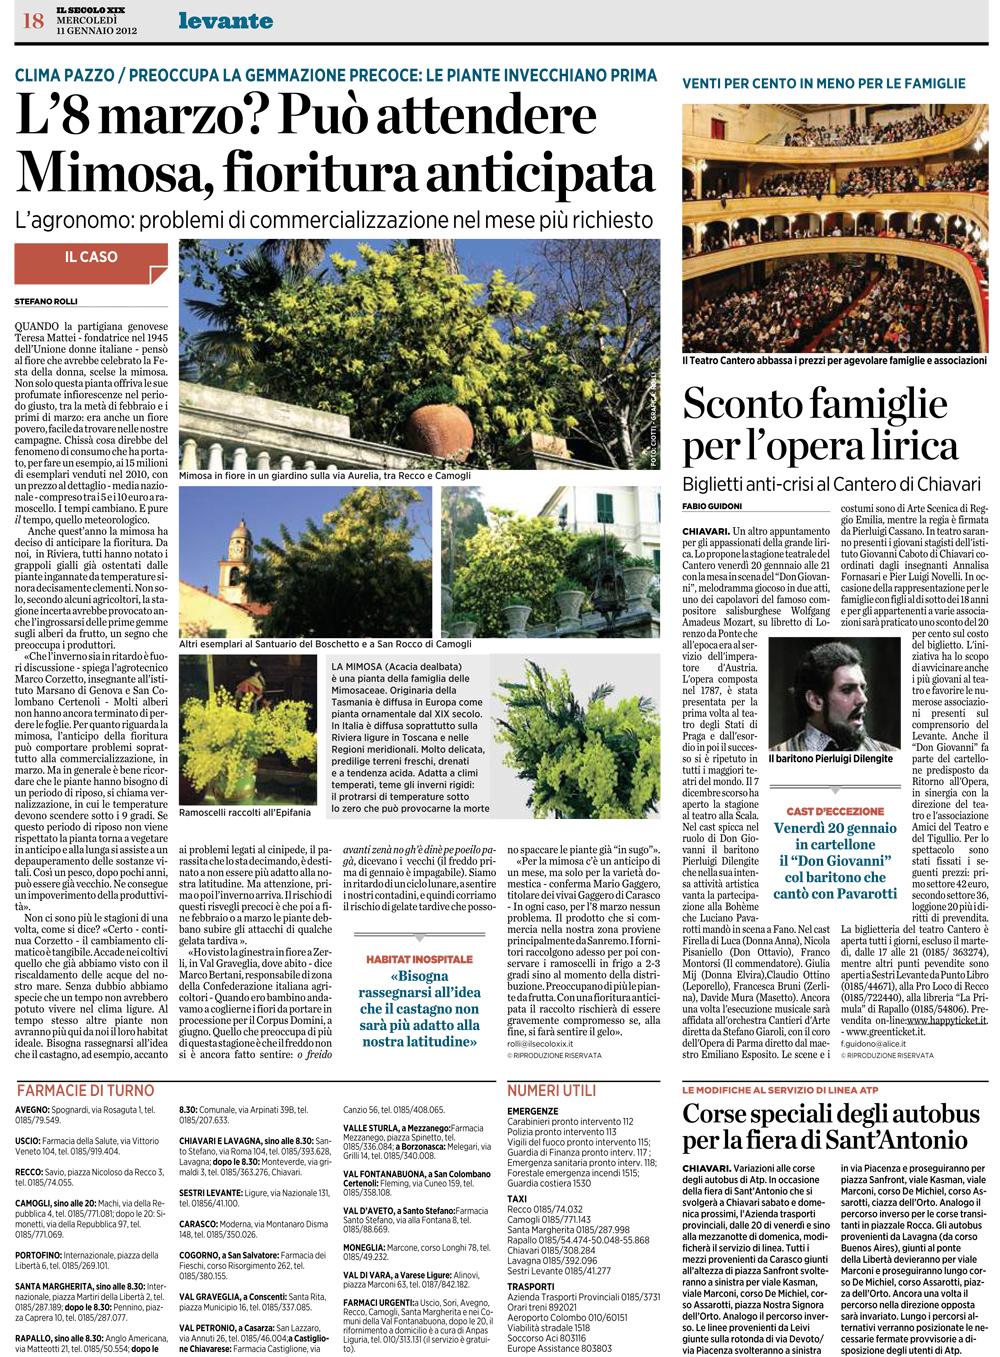 11.01.2012 – IL SECOLO XIX – Don Giovanni